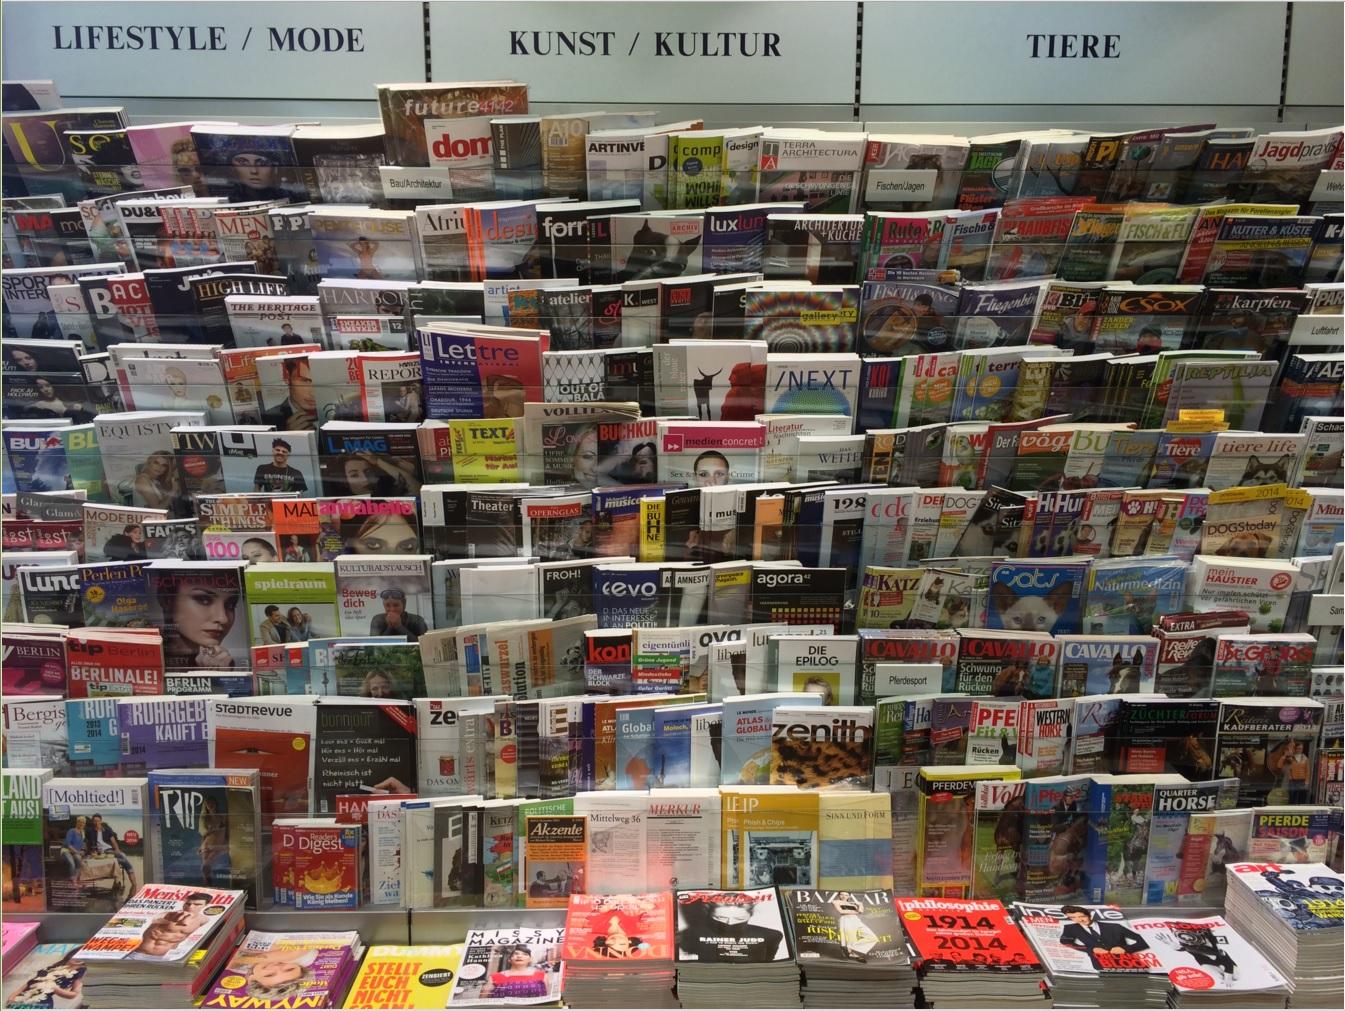 Bild eines Zeitschriftenregals. Es werden sehr viele verschiedene Magazine ausgestellt.